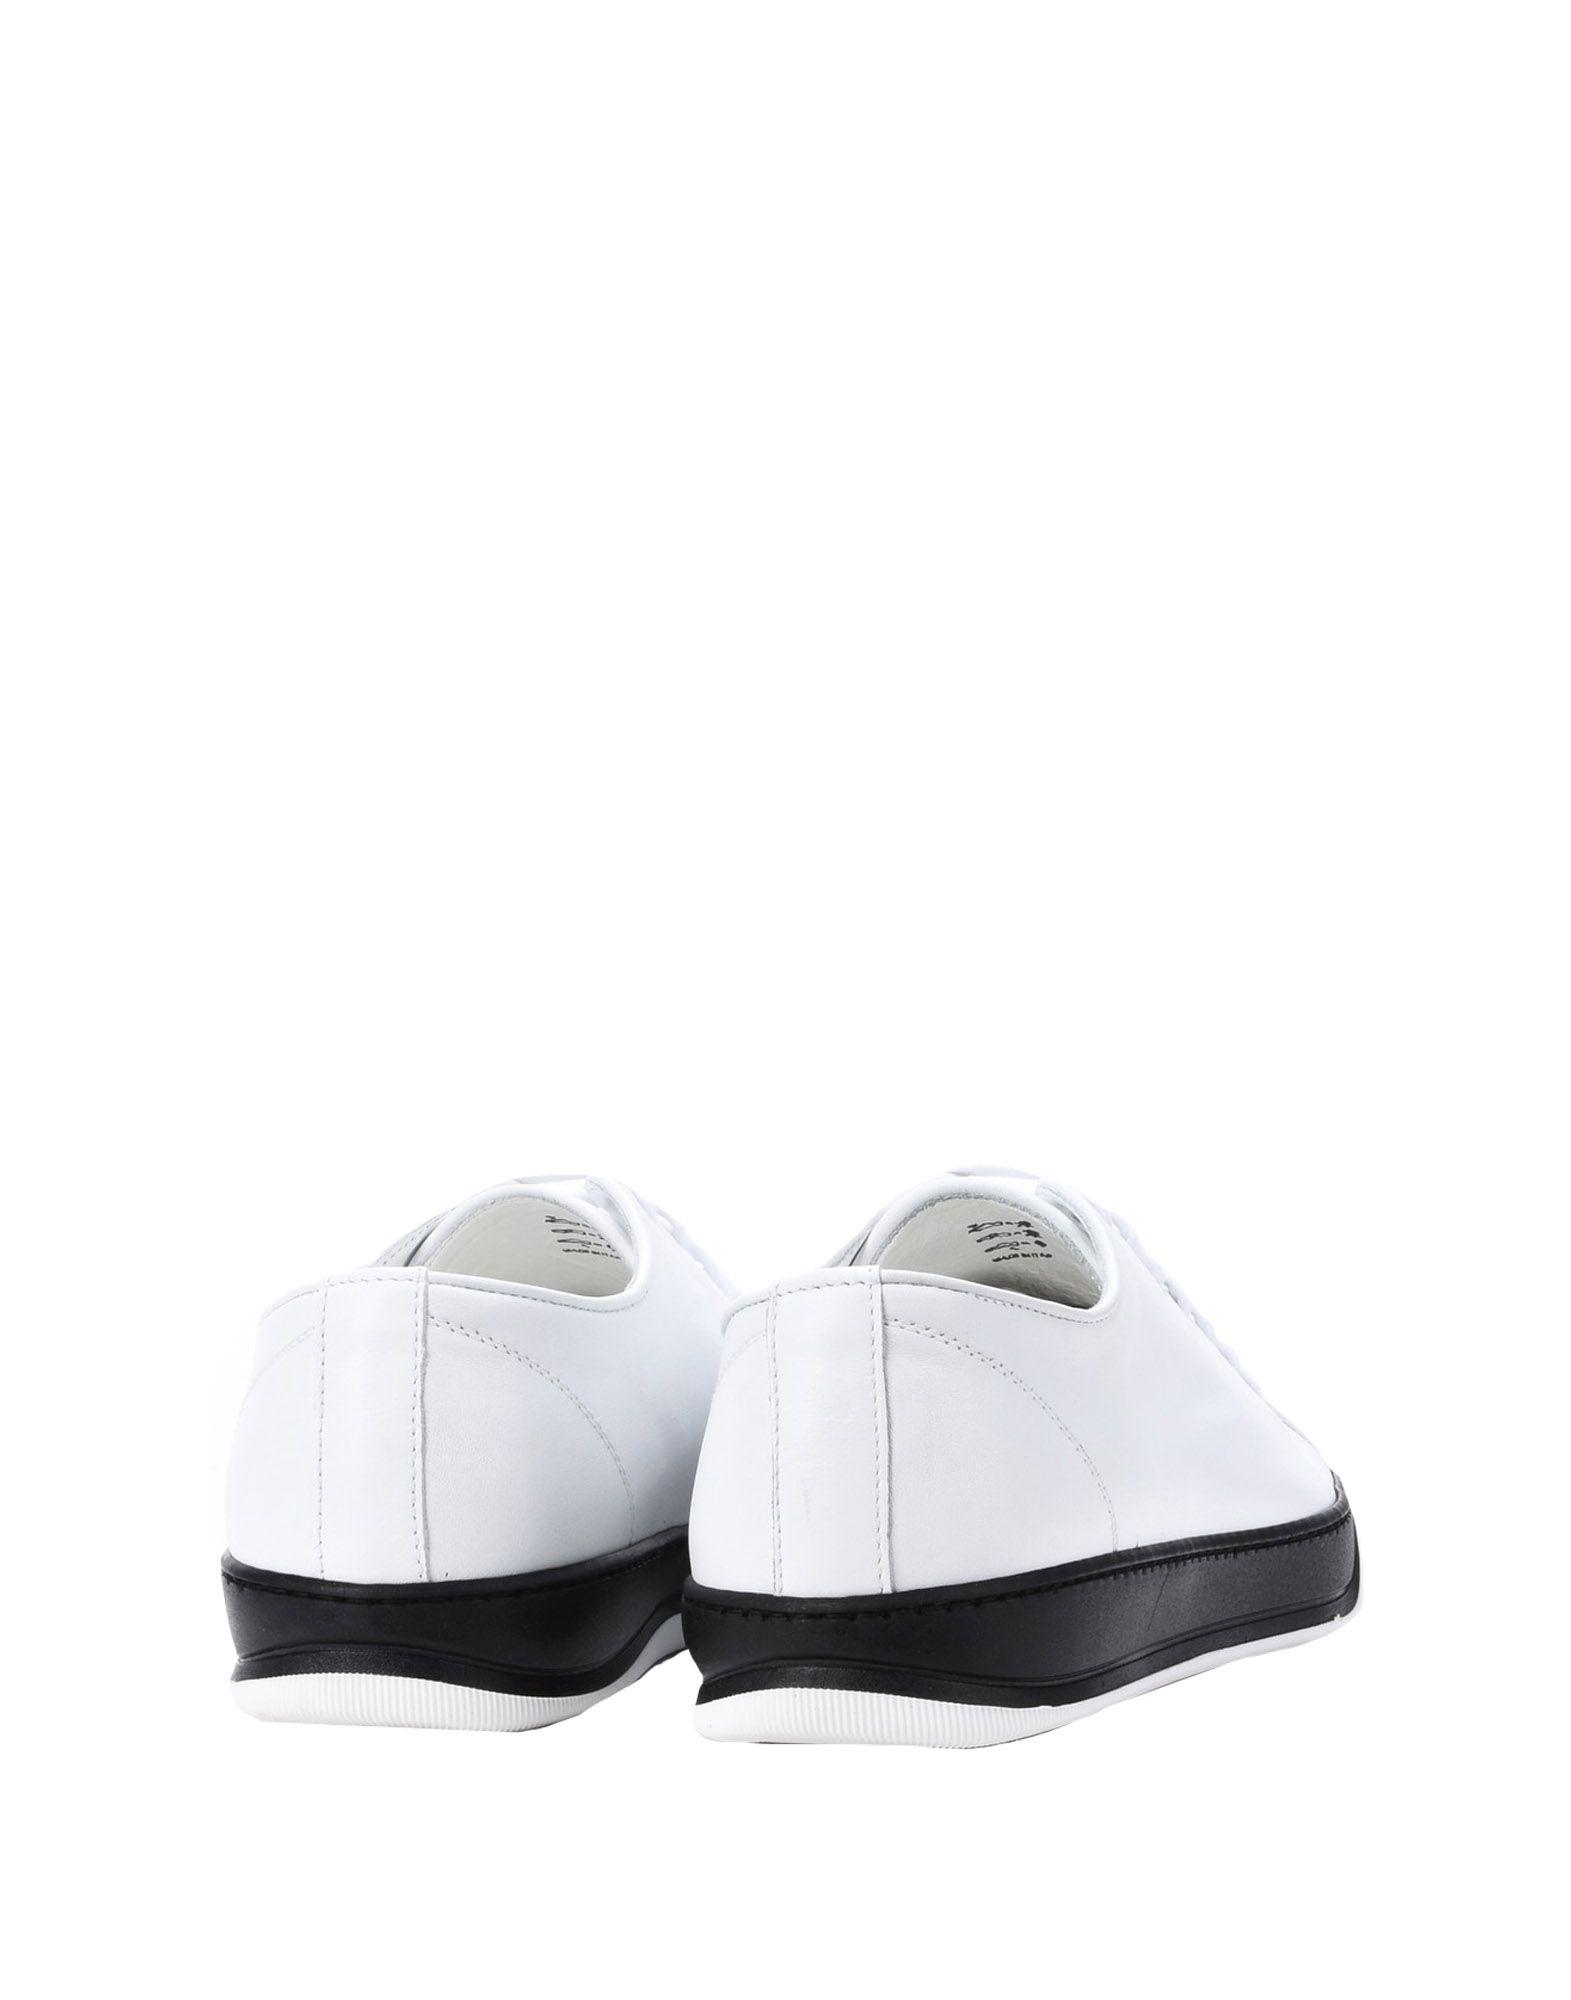 Rabatt Rabatt Rabatt echte Schuhe 8 Sneakers Herren  11406937QQ 38780d